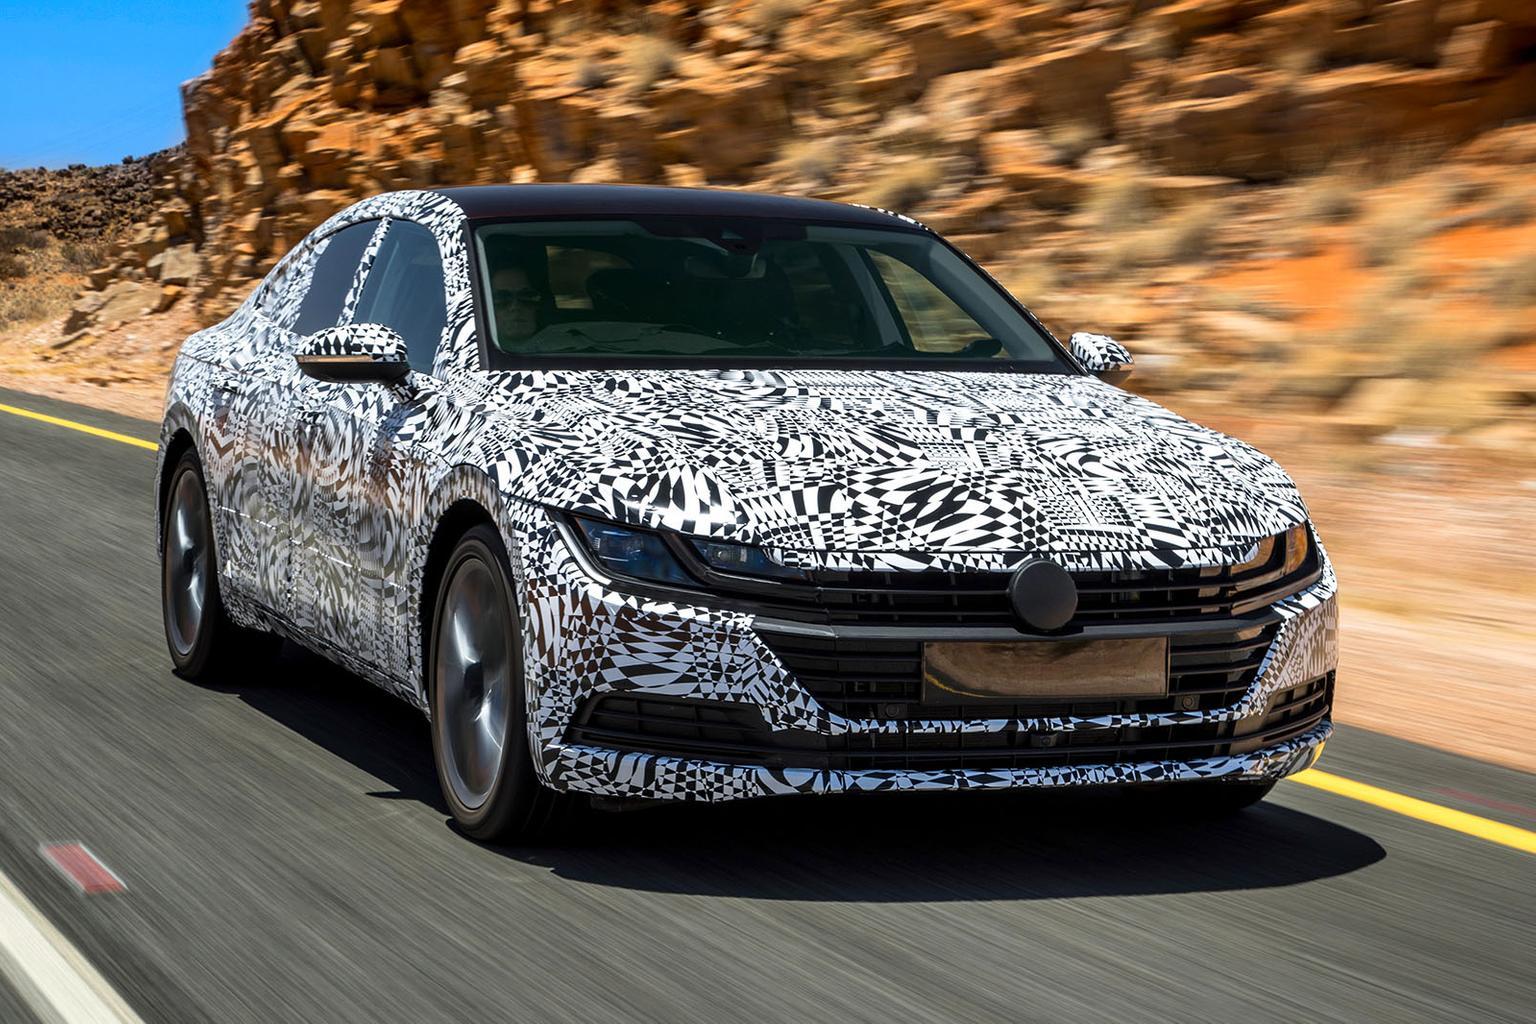 2017 Volkswagen Arteon prototype review